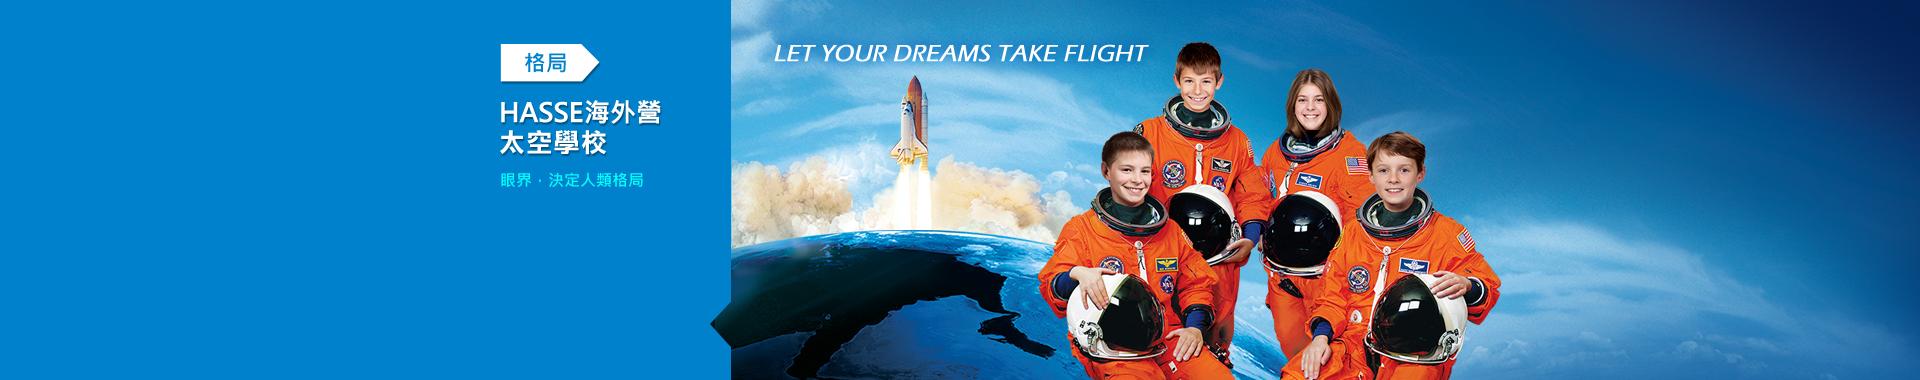 格局-HASSE海外營-太空學校